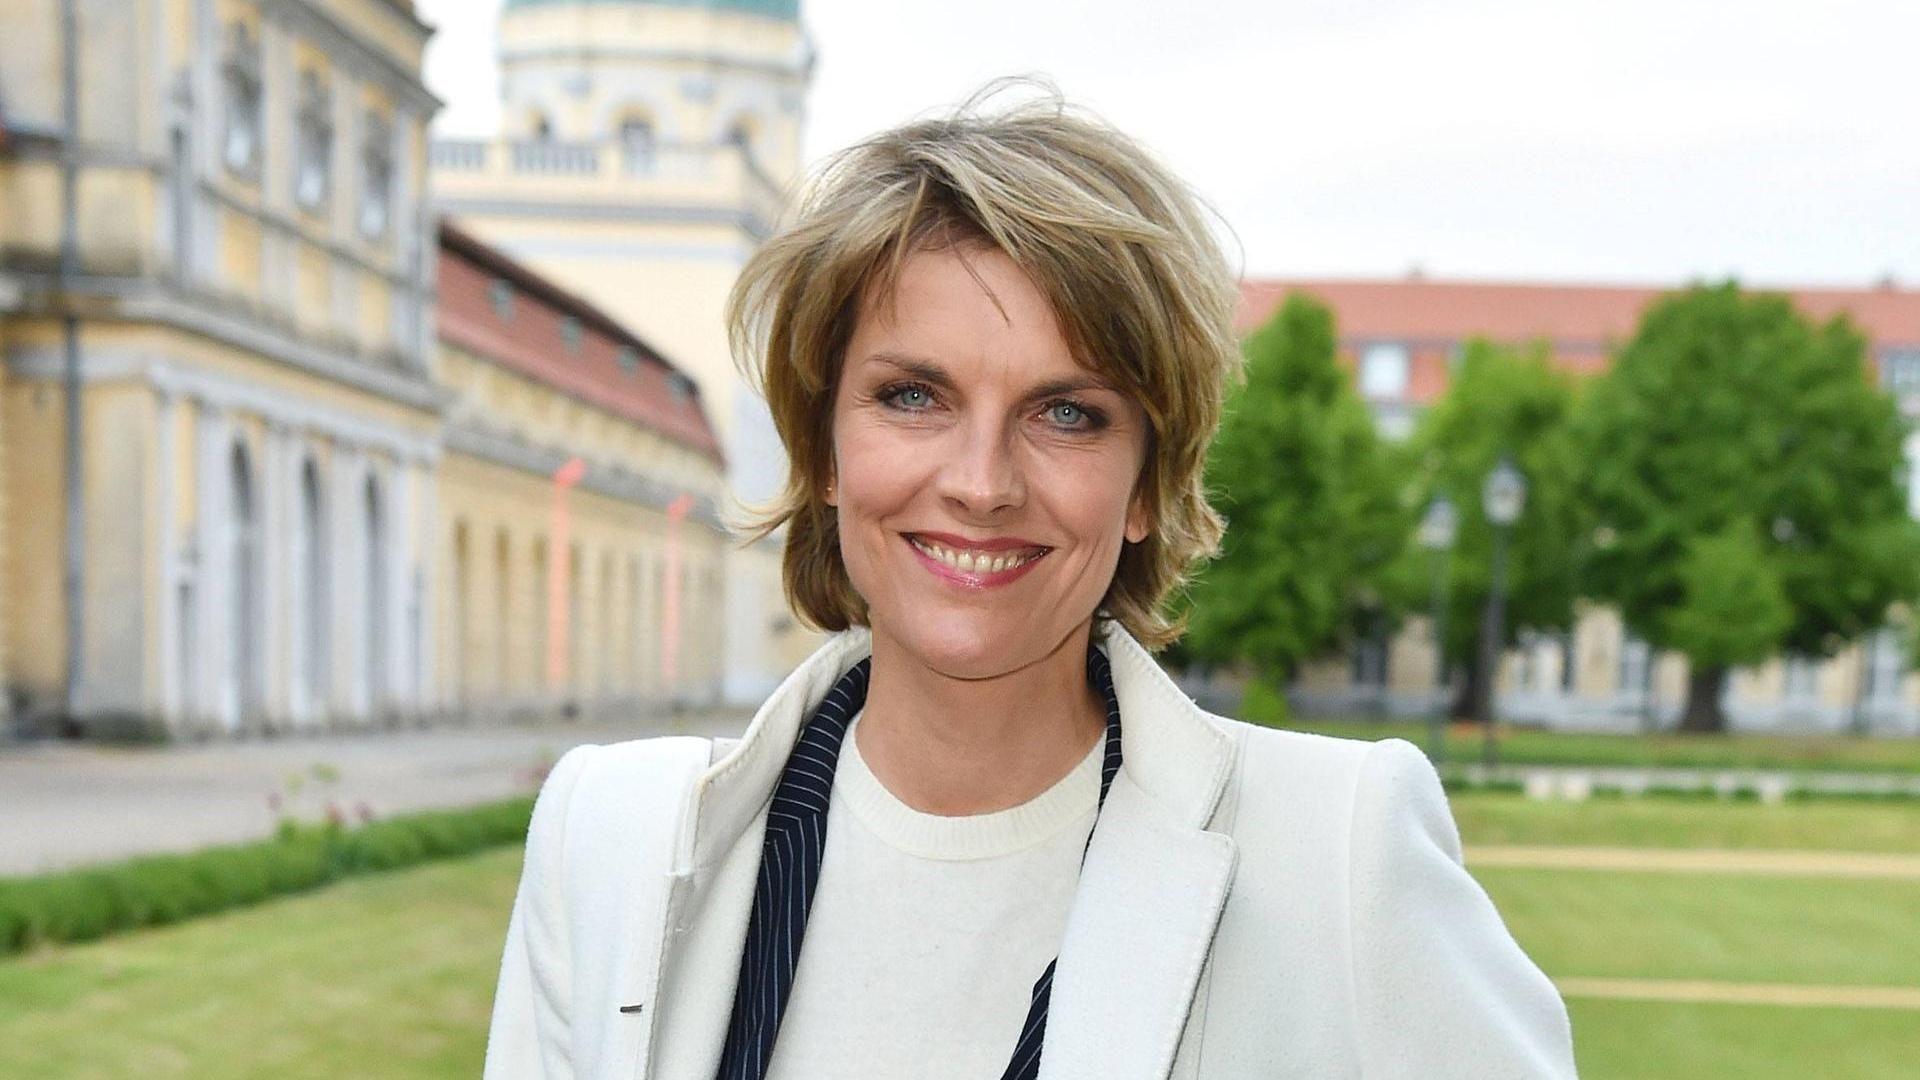 Zdf Moderatorin Marietta Slomka Hat Geheiratet Heiraten Slomka Moderator